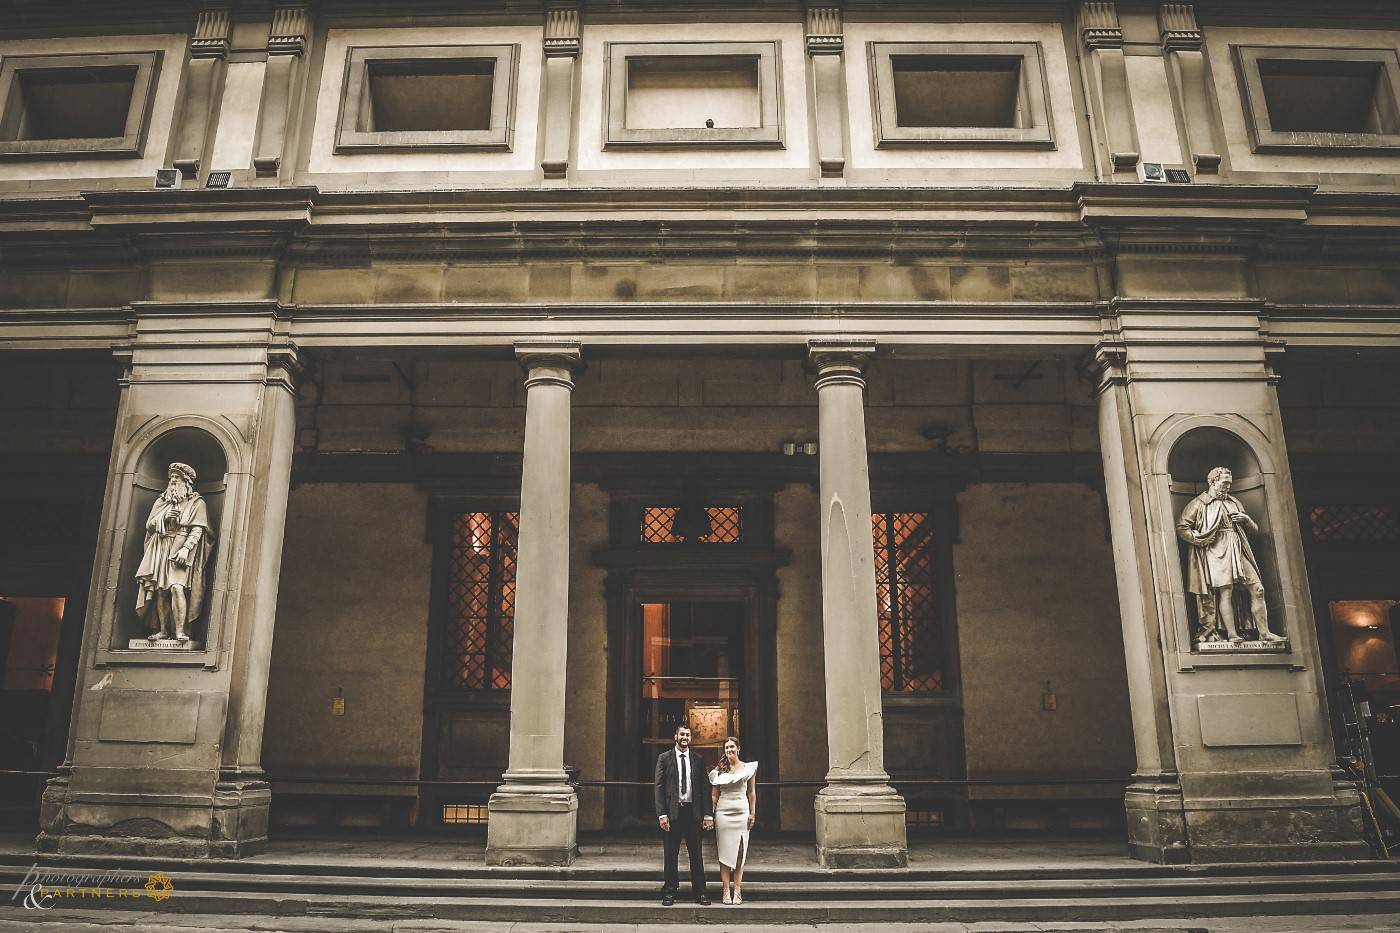 A photo at the Uffizi